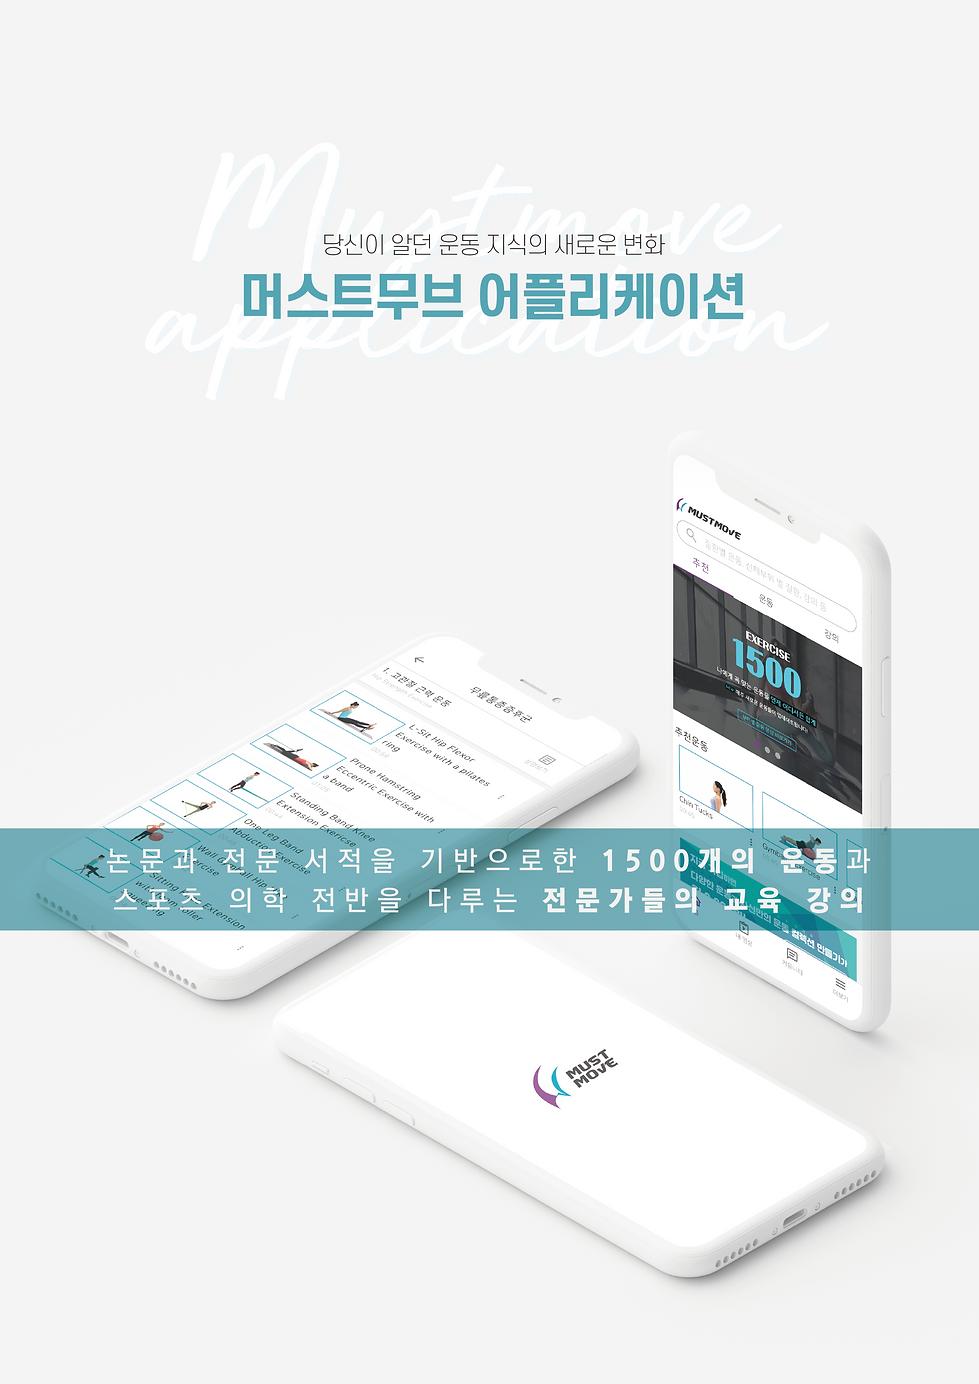 210217 홈페이지 어플 소개_대지 1.png